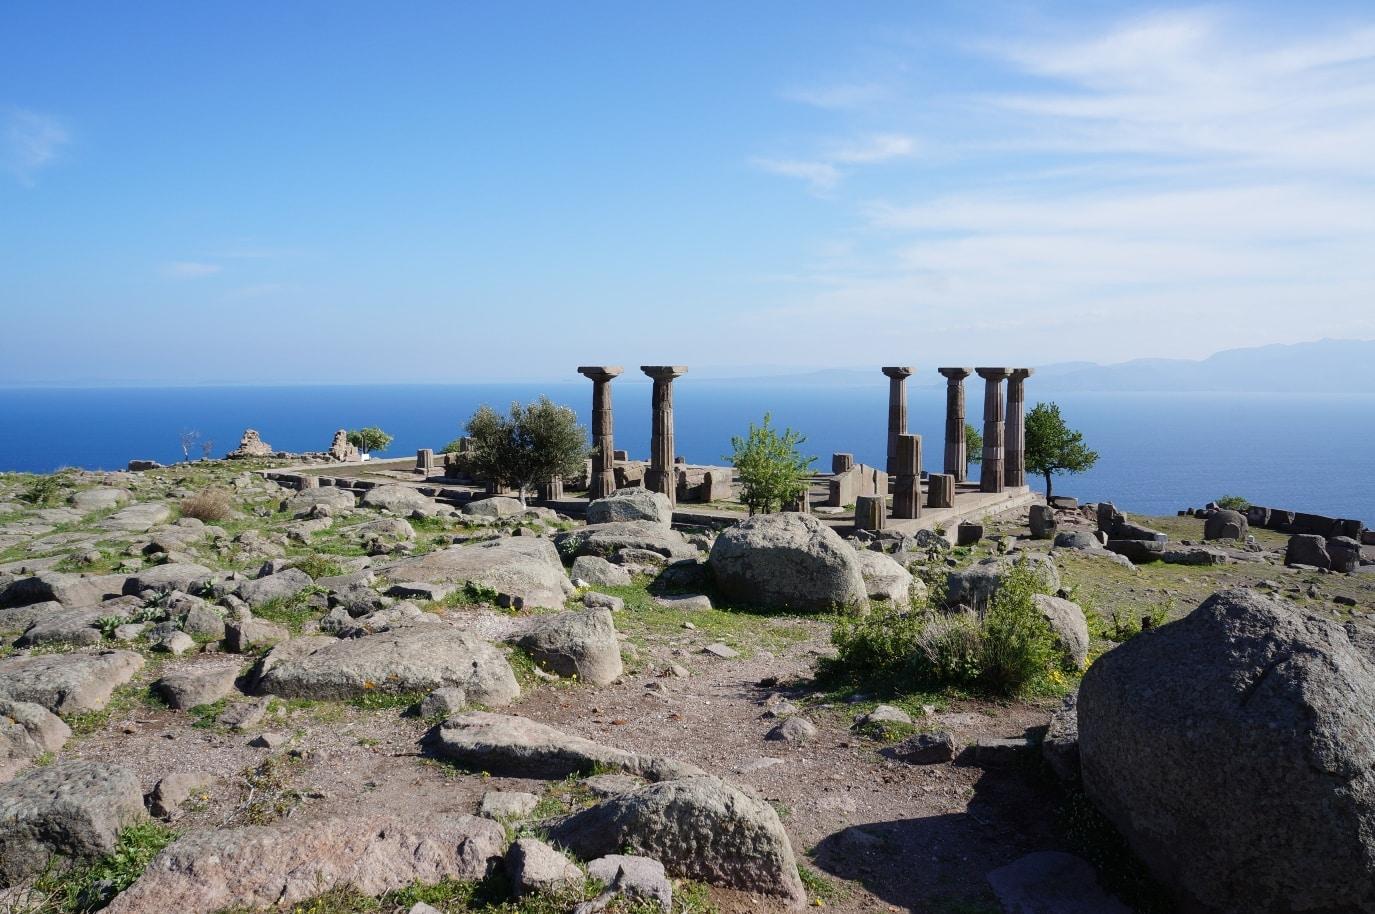 rozvaliny chrámu Athény v dórském stylu ve městě Ayvacik, Turecko